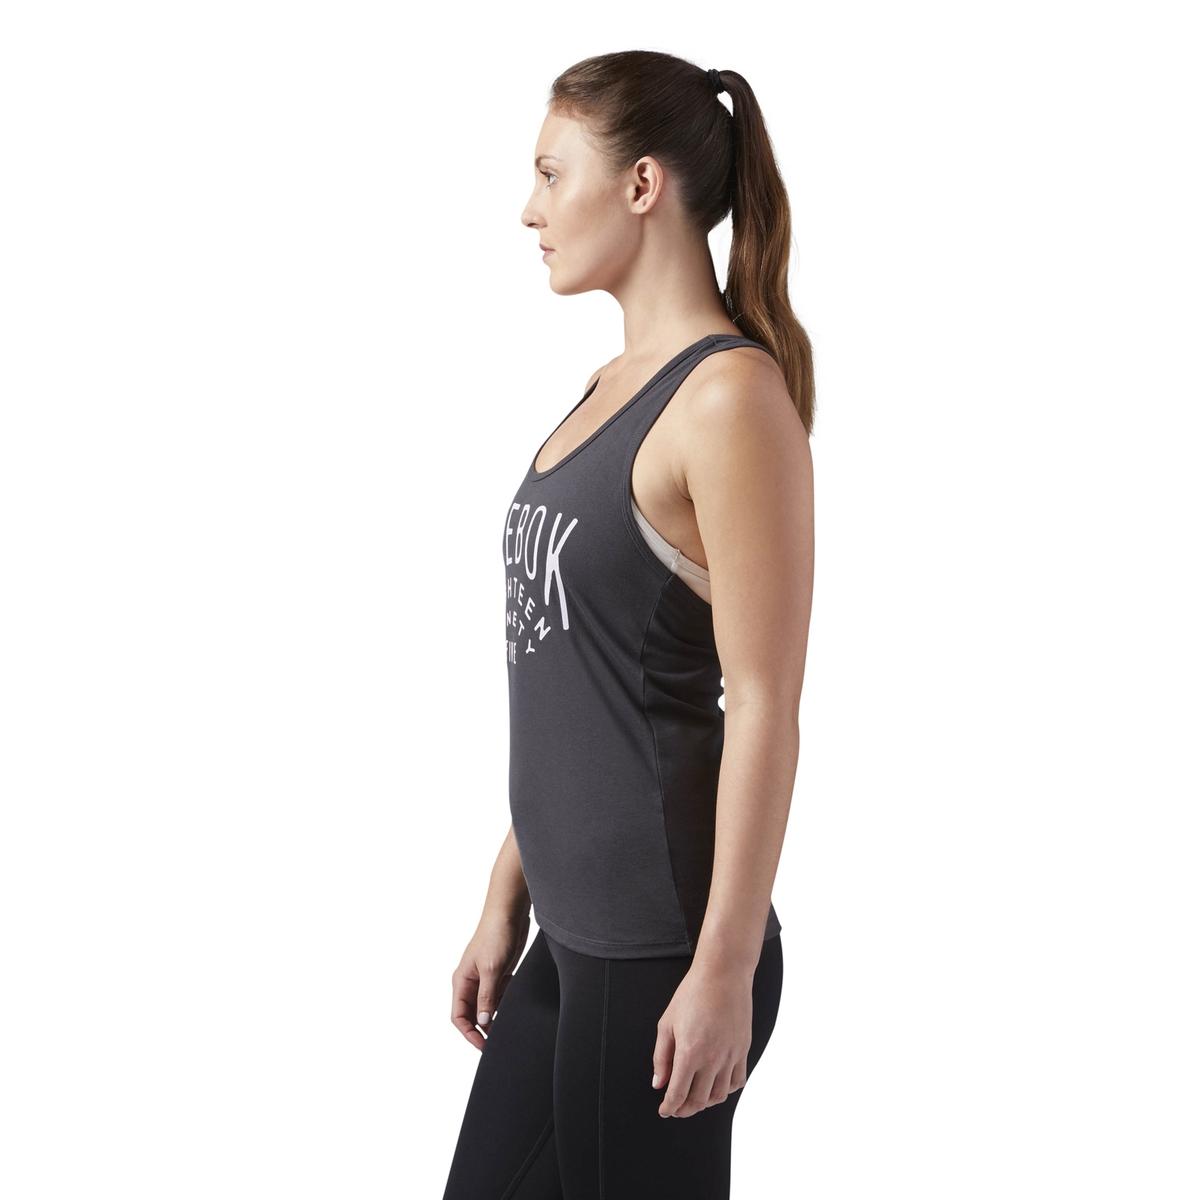 Imagen secundaria de producto de Camiseta sin mangas con cuello redondo y estampado - Reebok